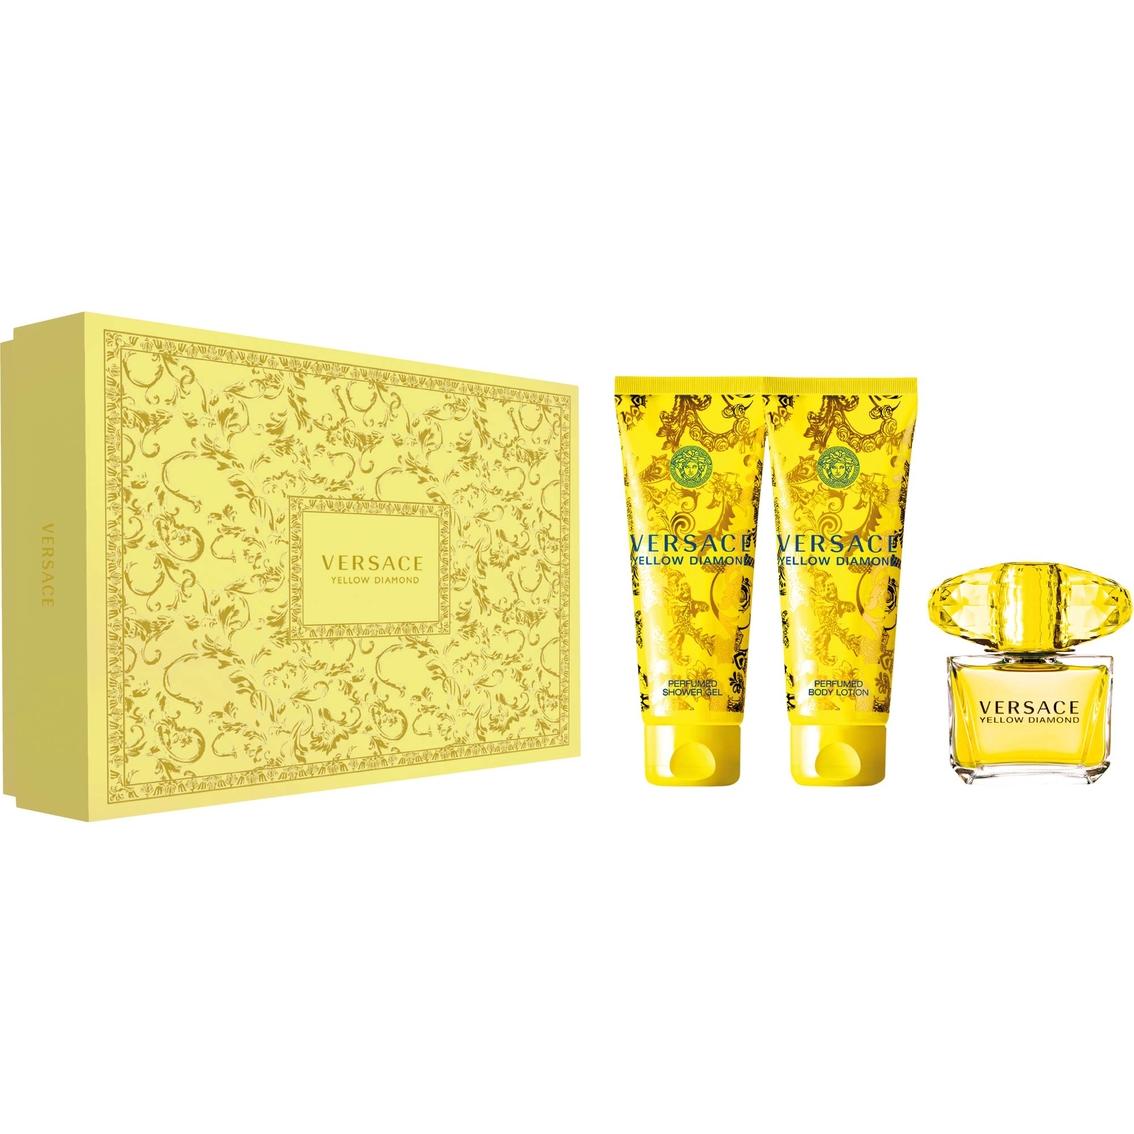 e43a5adf2e29 Versace Yellow Diamond Gift Set